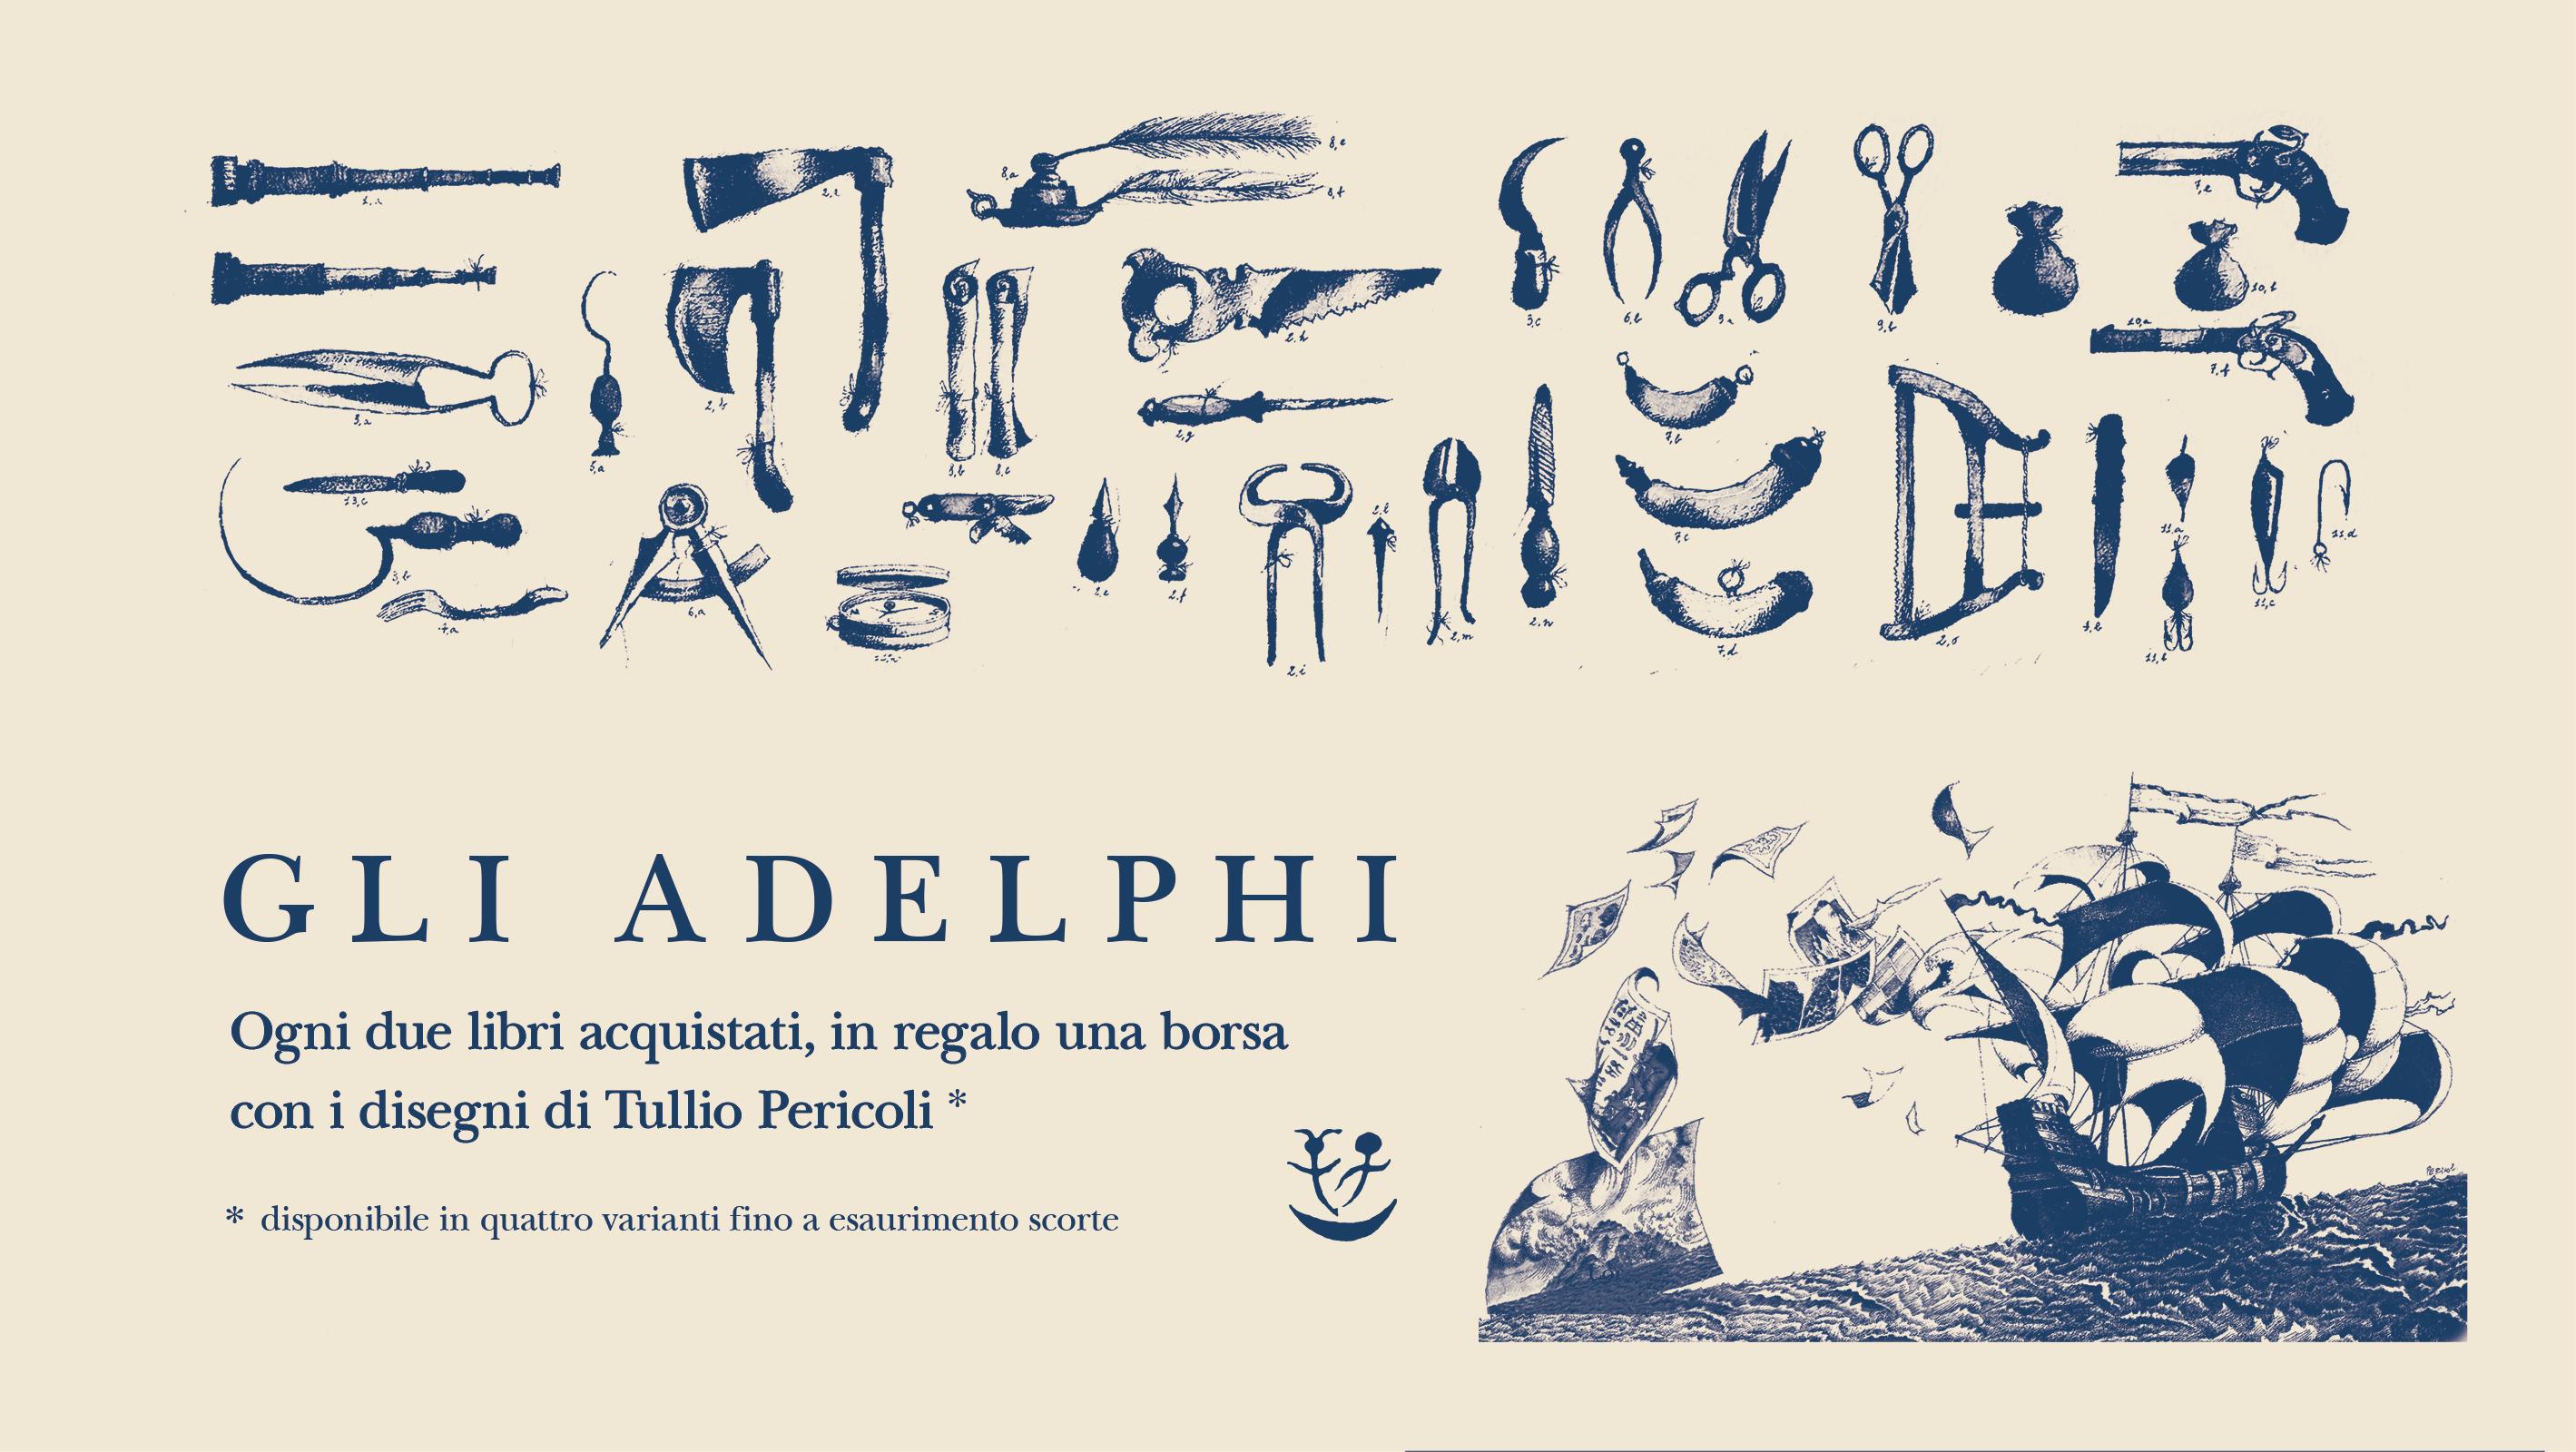 In viaggio con GliAdelphi e Tullio Pericoli